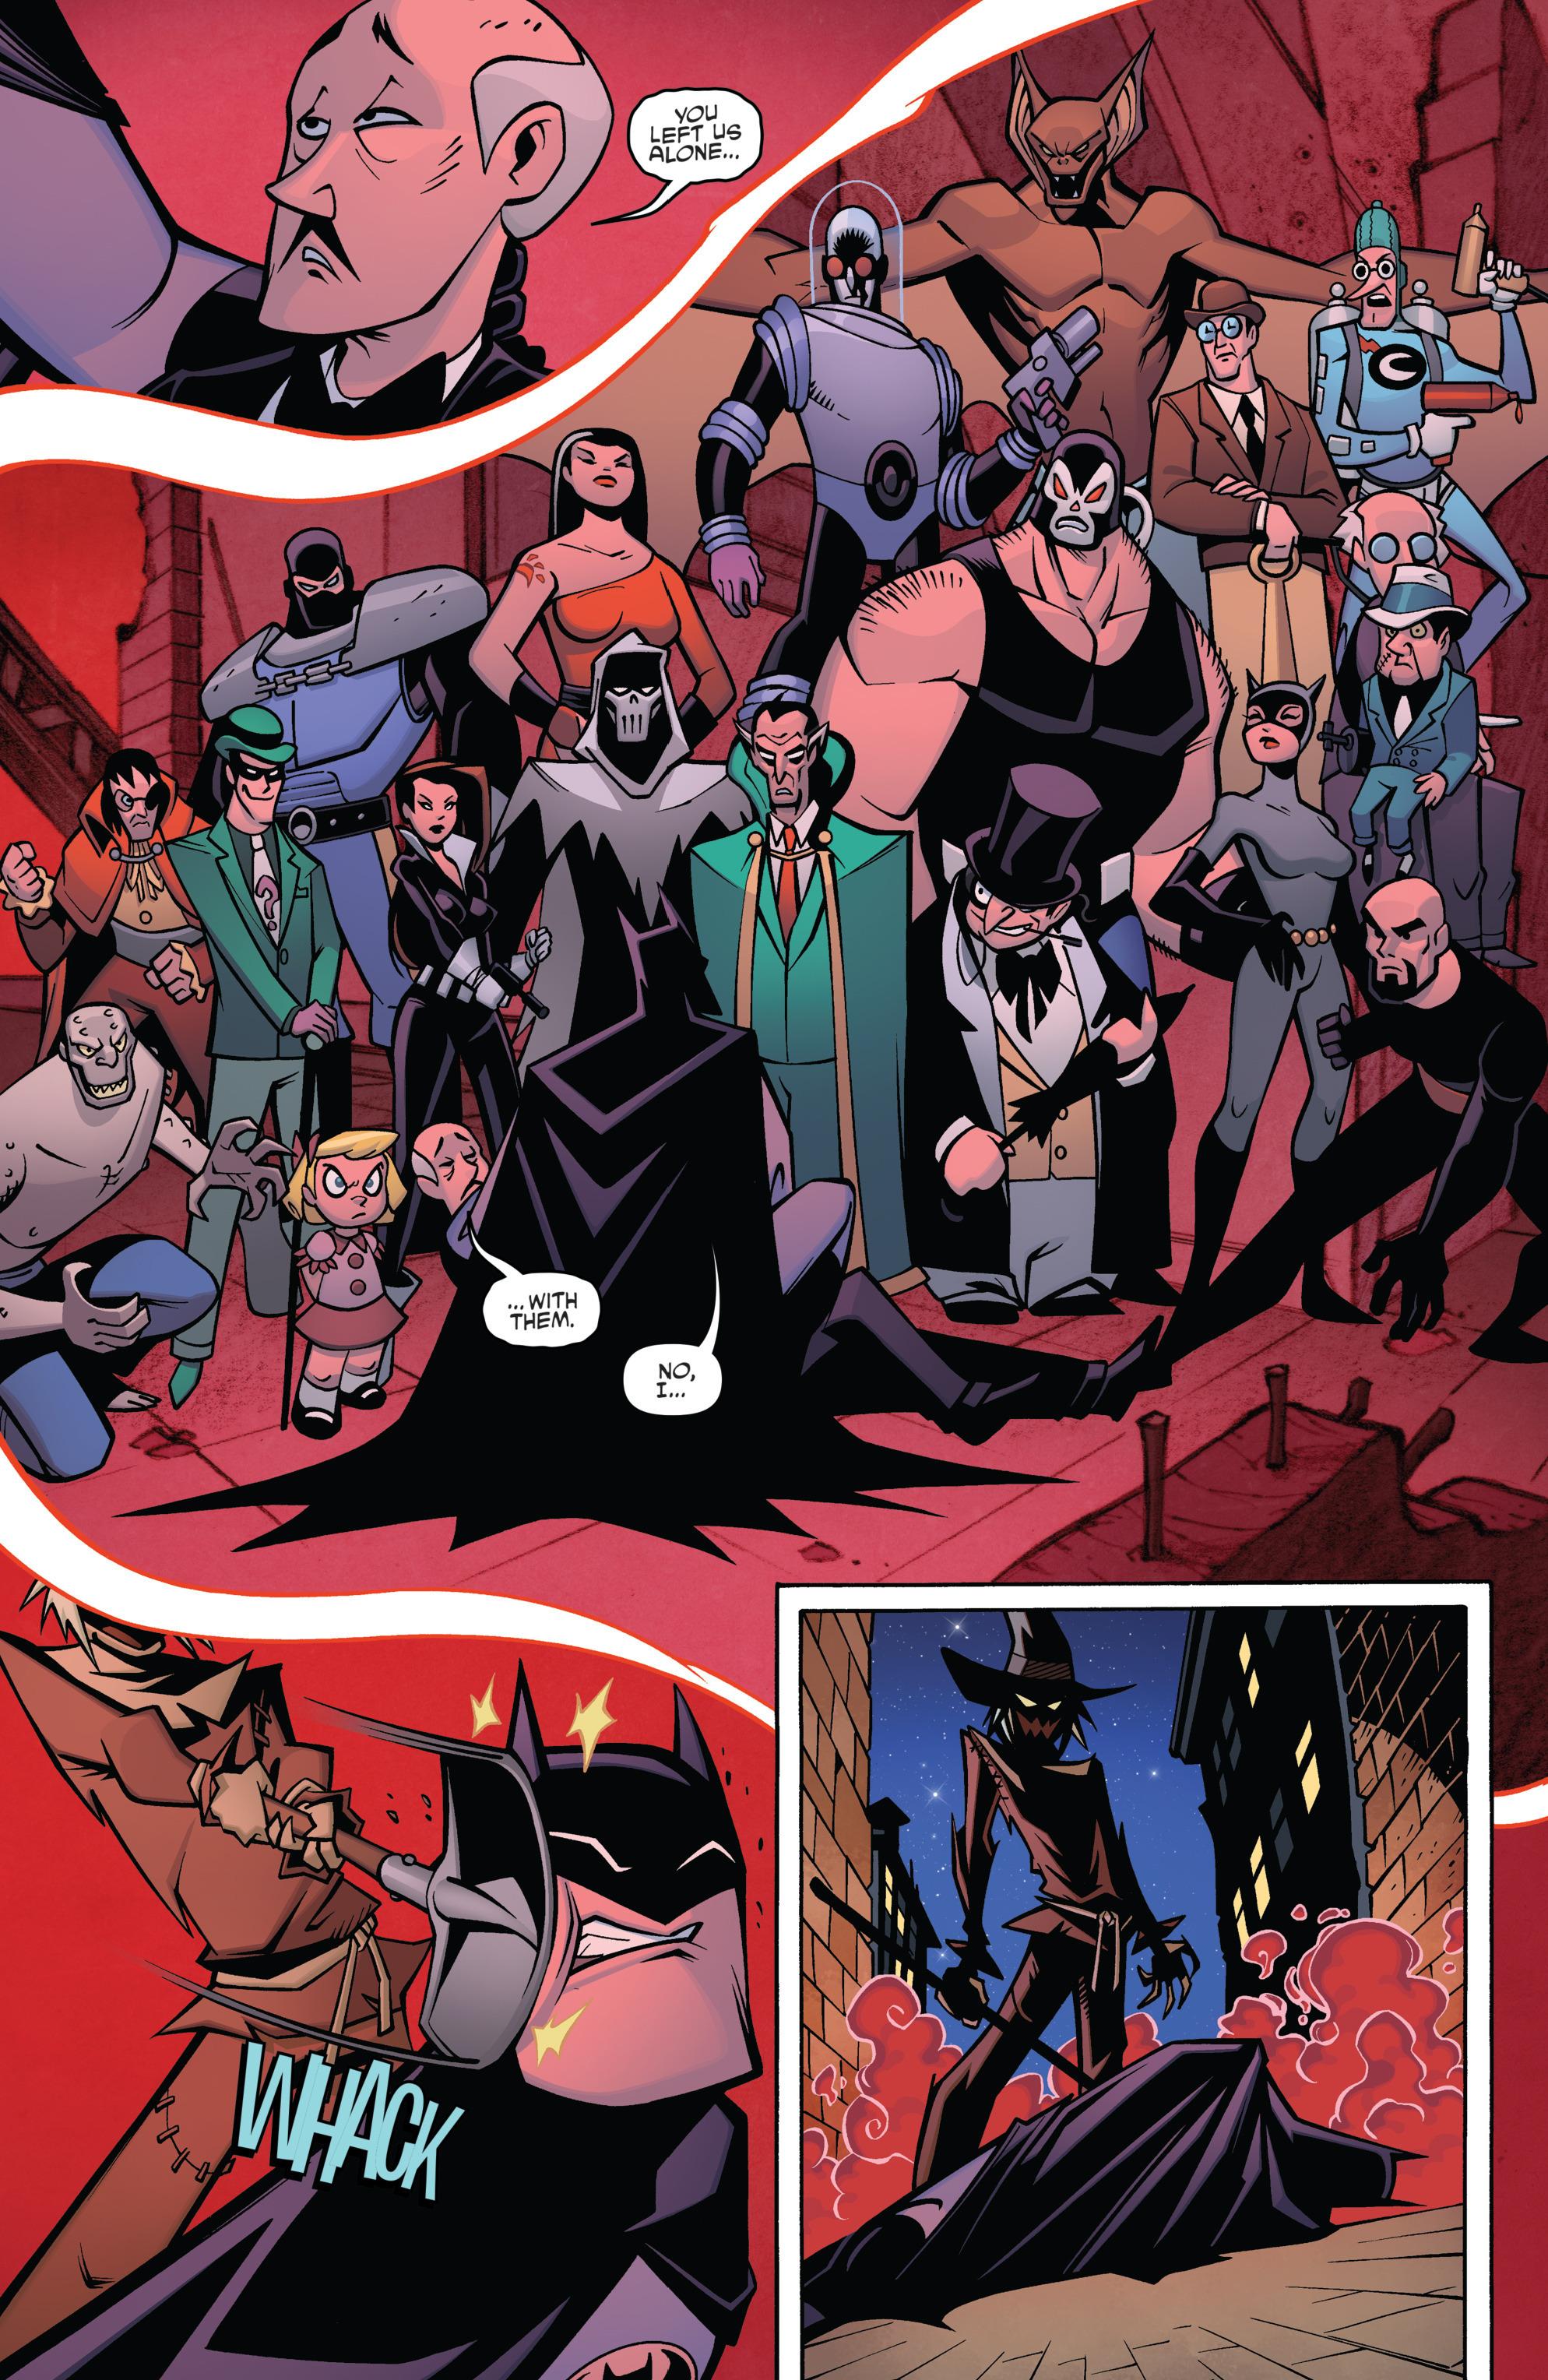 Read online Batman/Teenage Mutant Ninja Turtles Adventure comic -  Issue #4 - 5